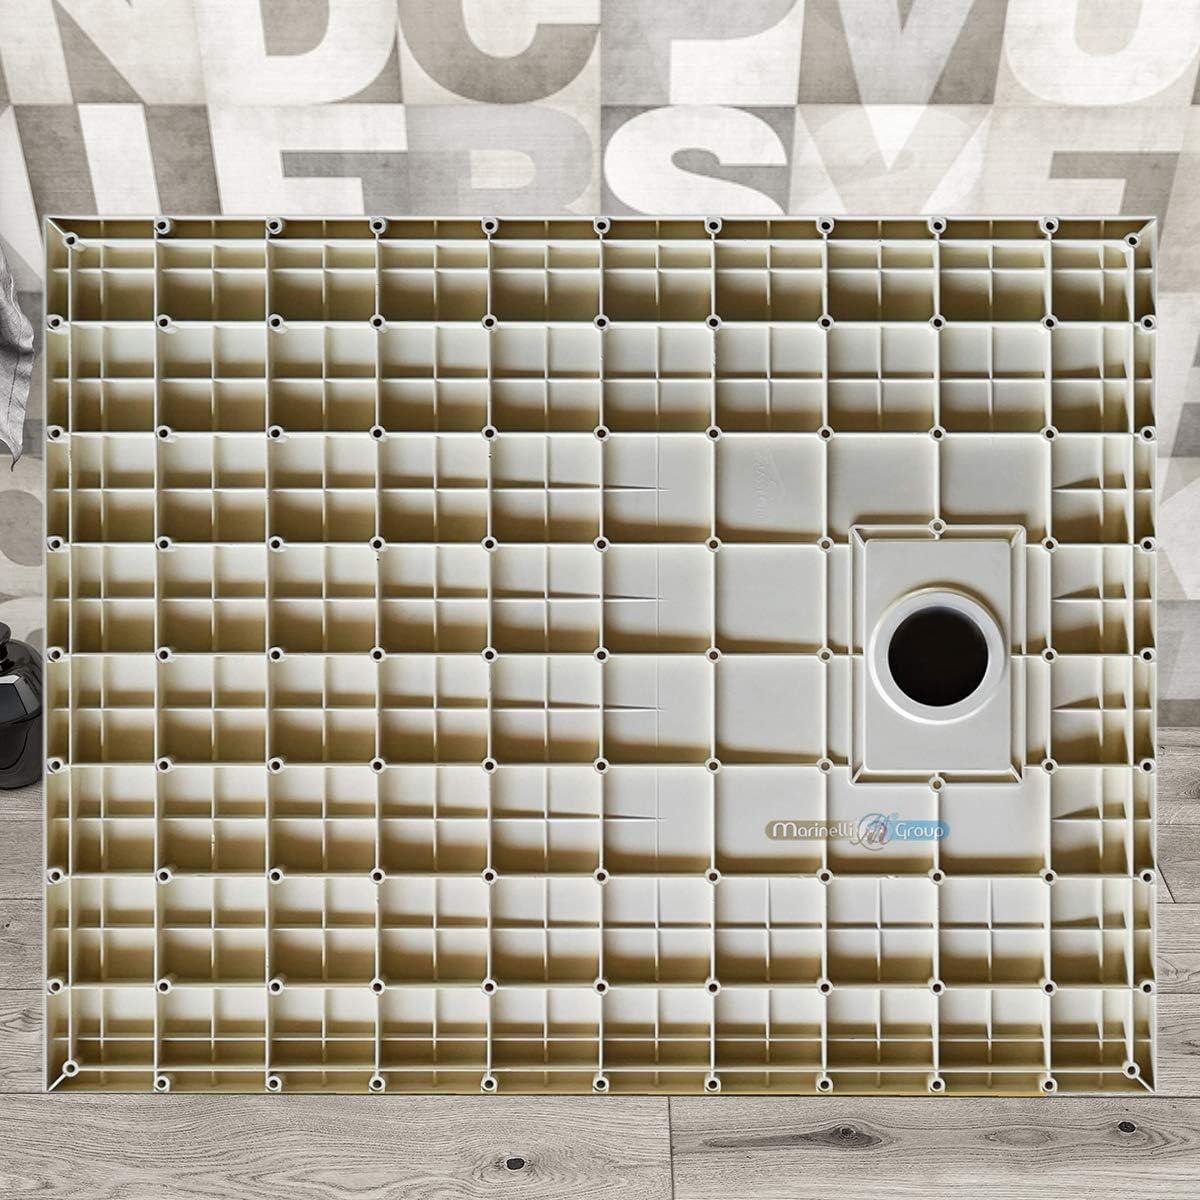 BEIGE BIANCO NERO 70 80 90 100 120 140 160 180 cm piletta inclusa Piatto doccia effetto pietra ardesia stone smc 80x100 cm, Nero no marmoresina Euclide